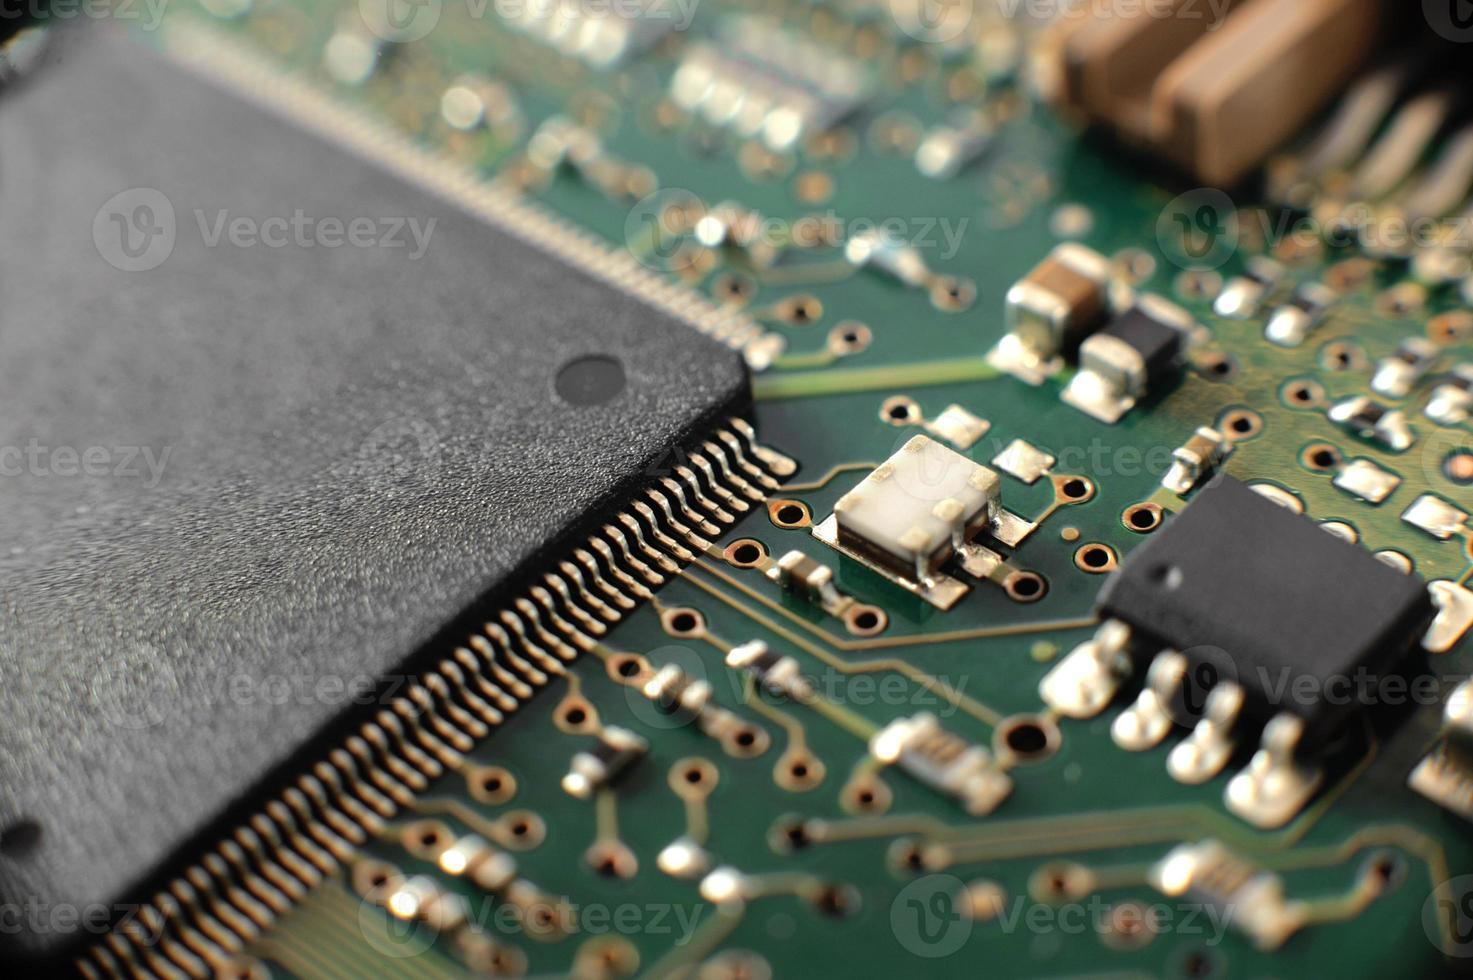 Tablero electrónico con componentes. foto